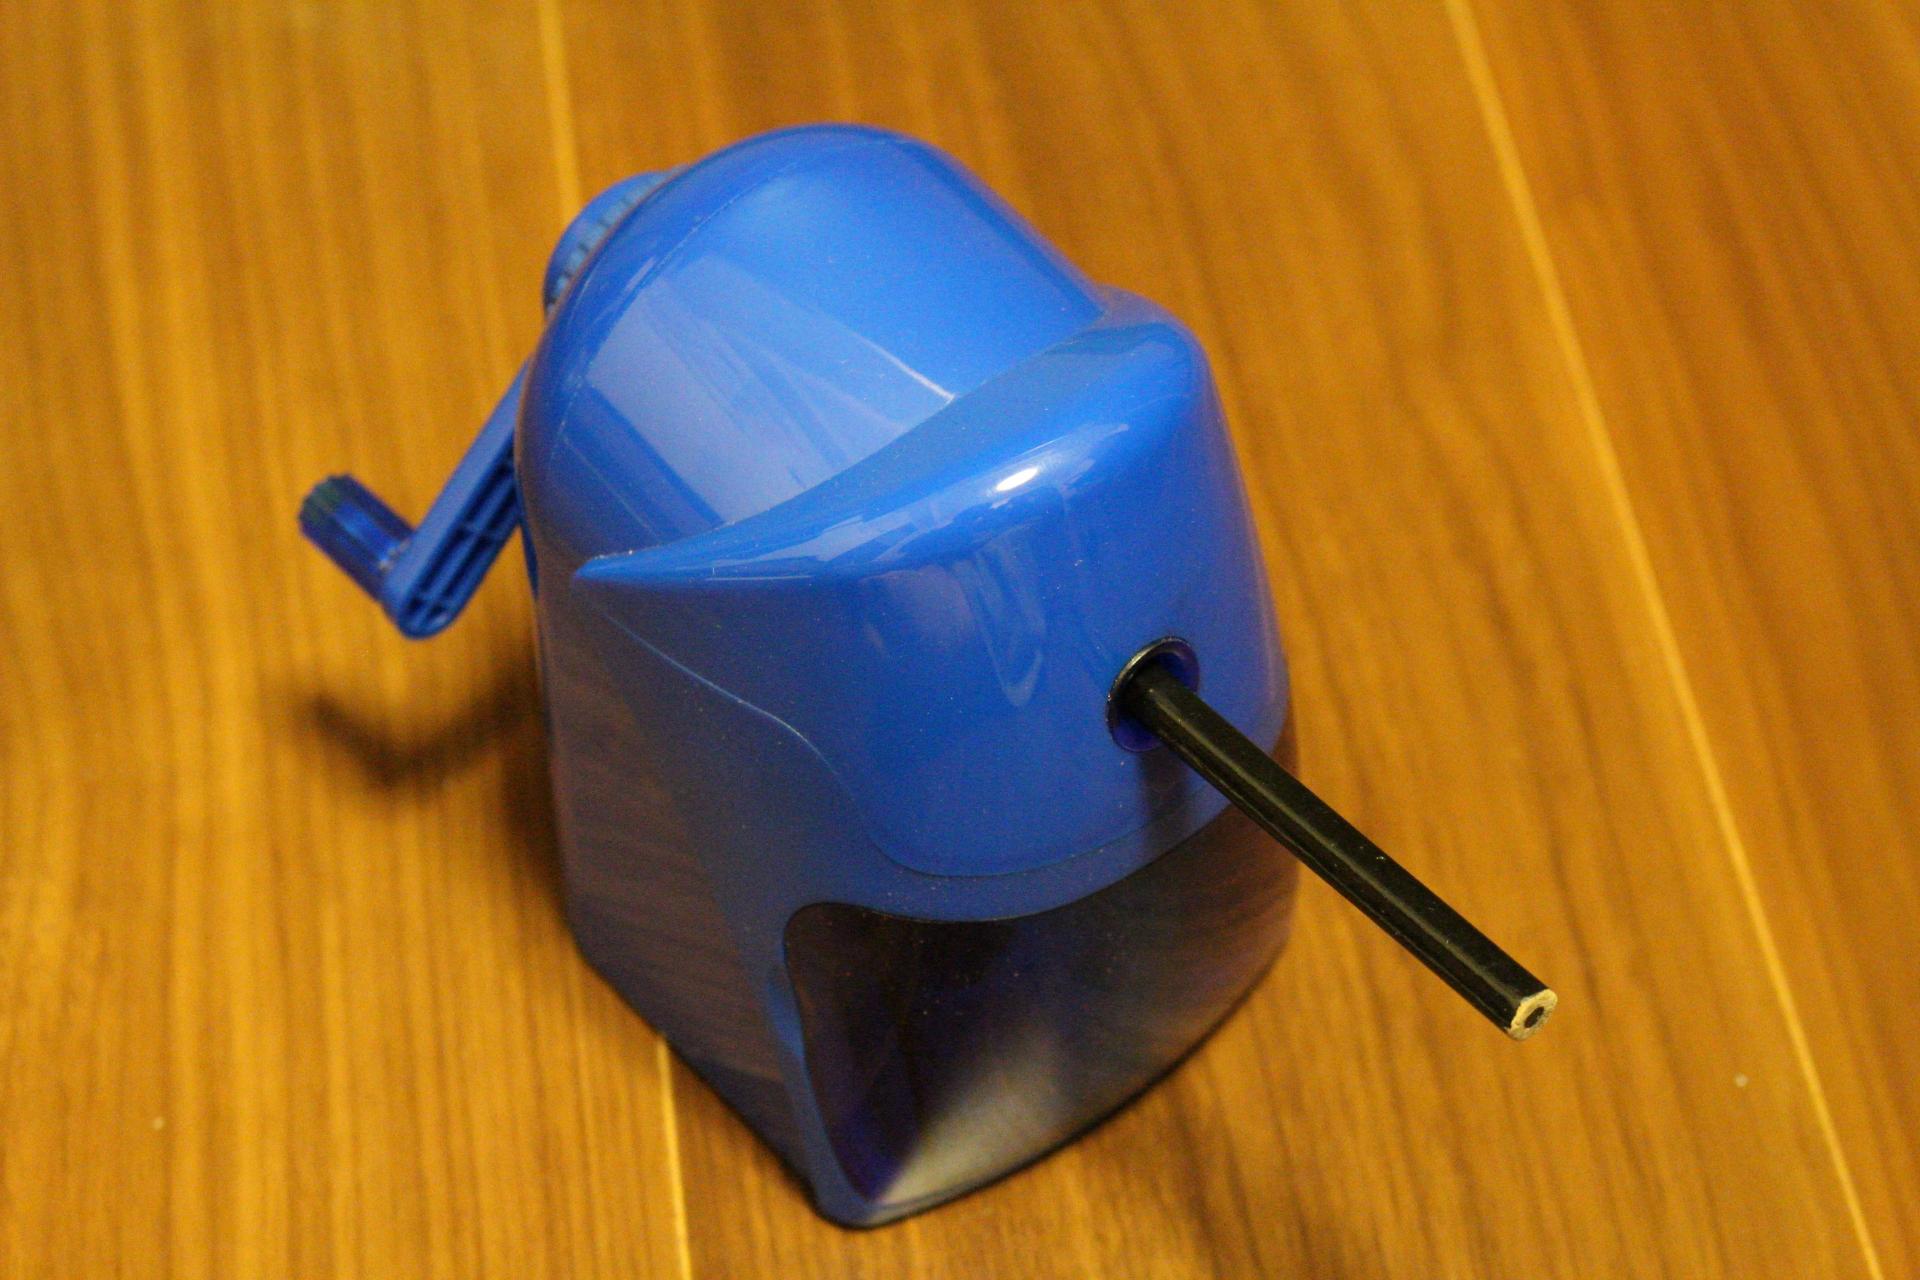 手動鉛筆削りのおすすめ11選!削り角調整機能付きも